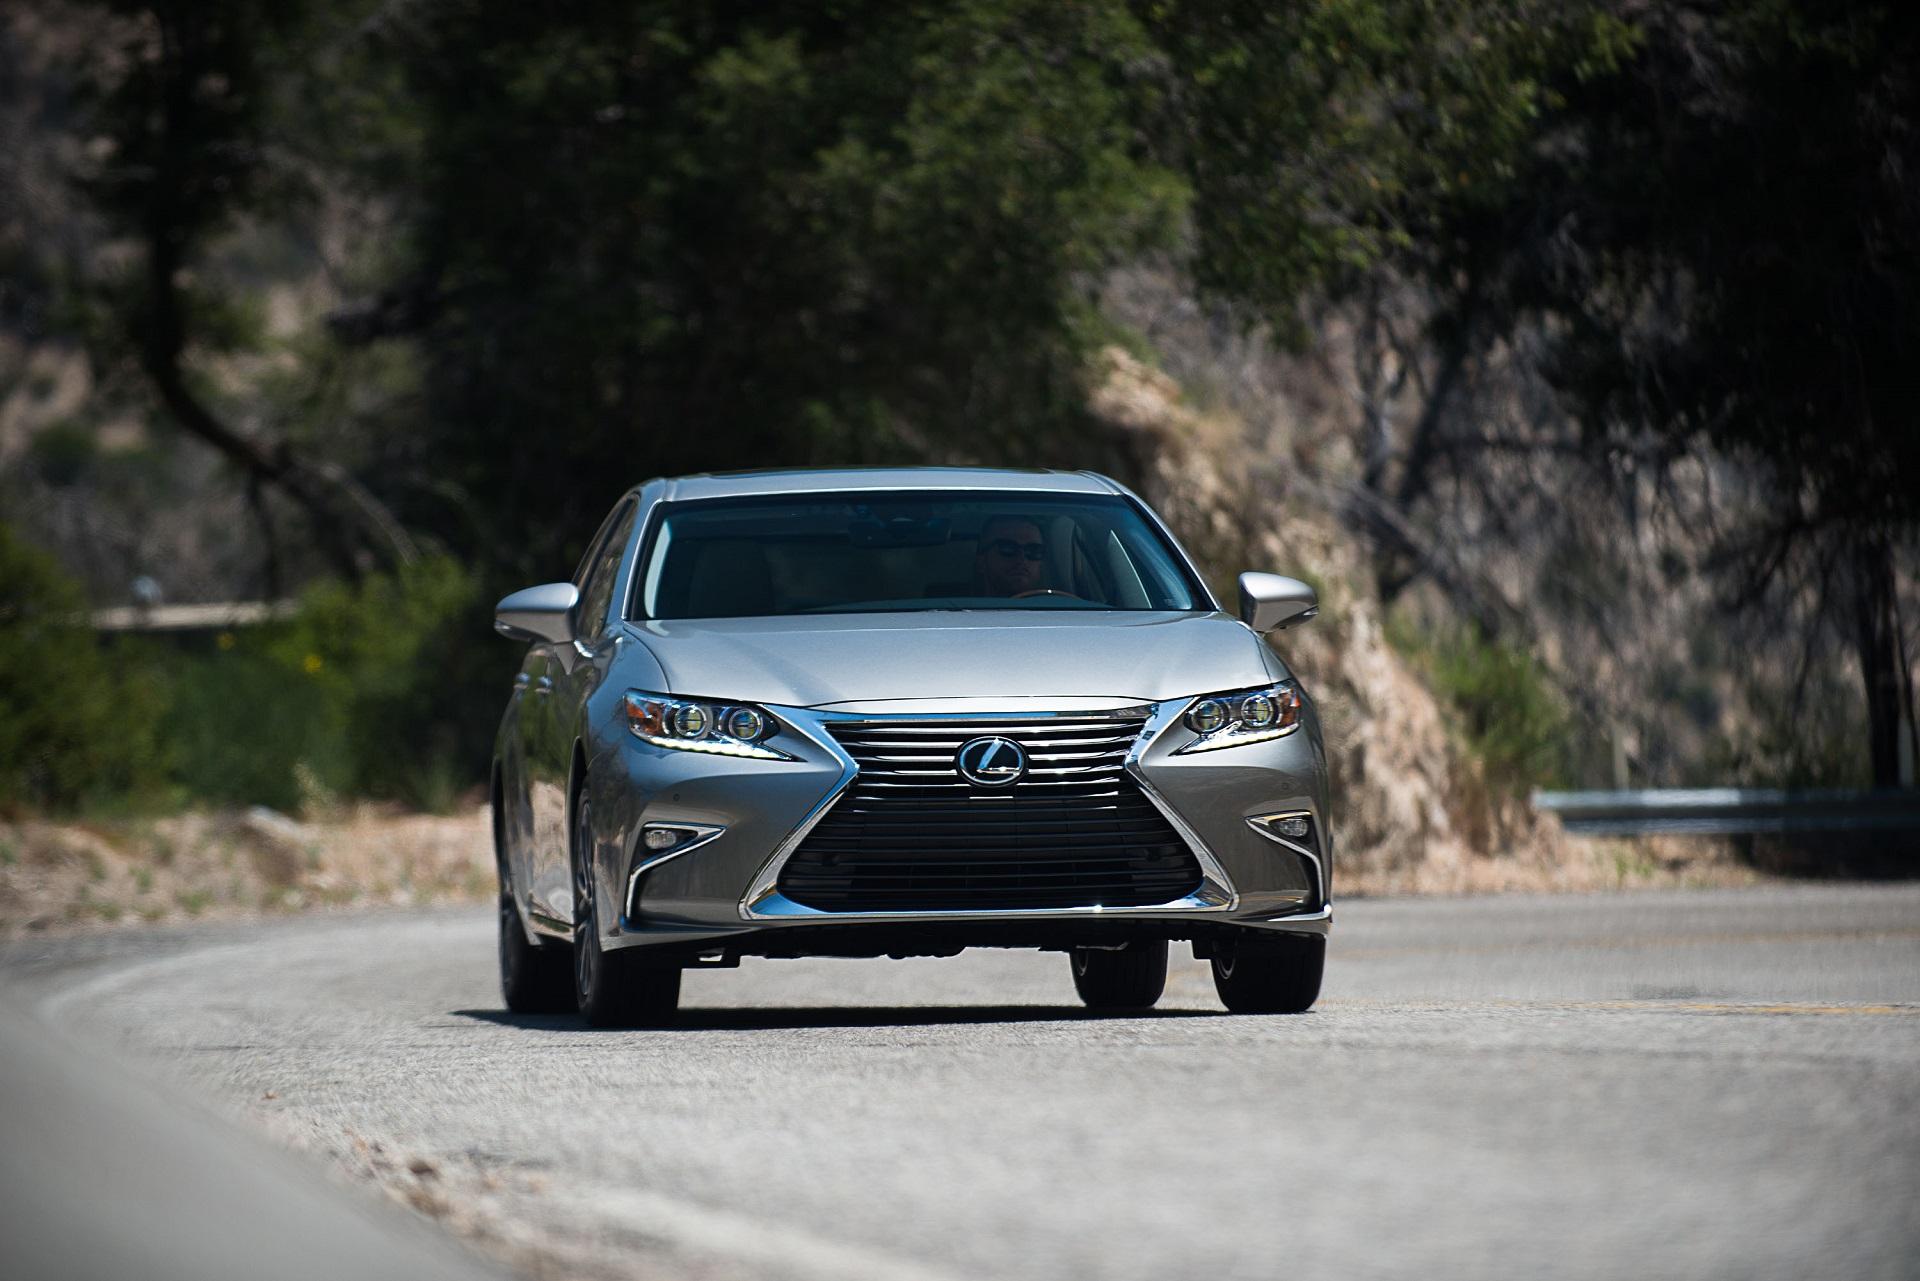 2018 Lexus ES Features Review The Car Connection